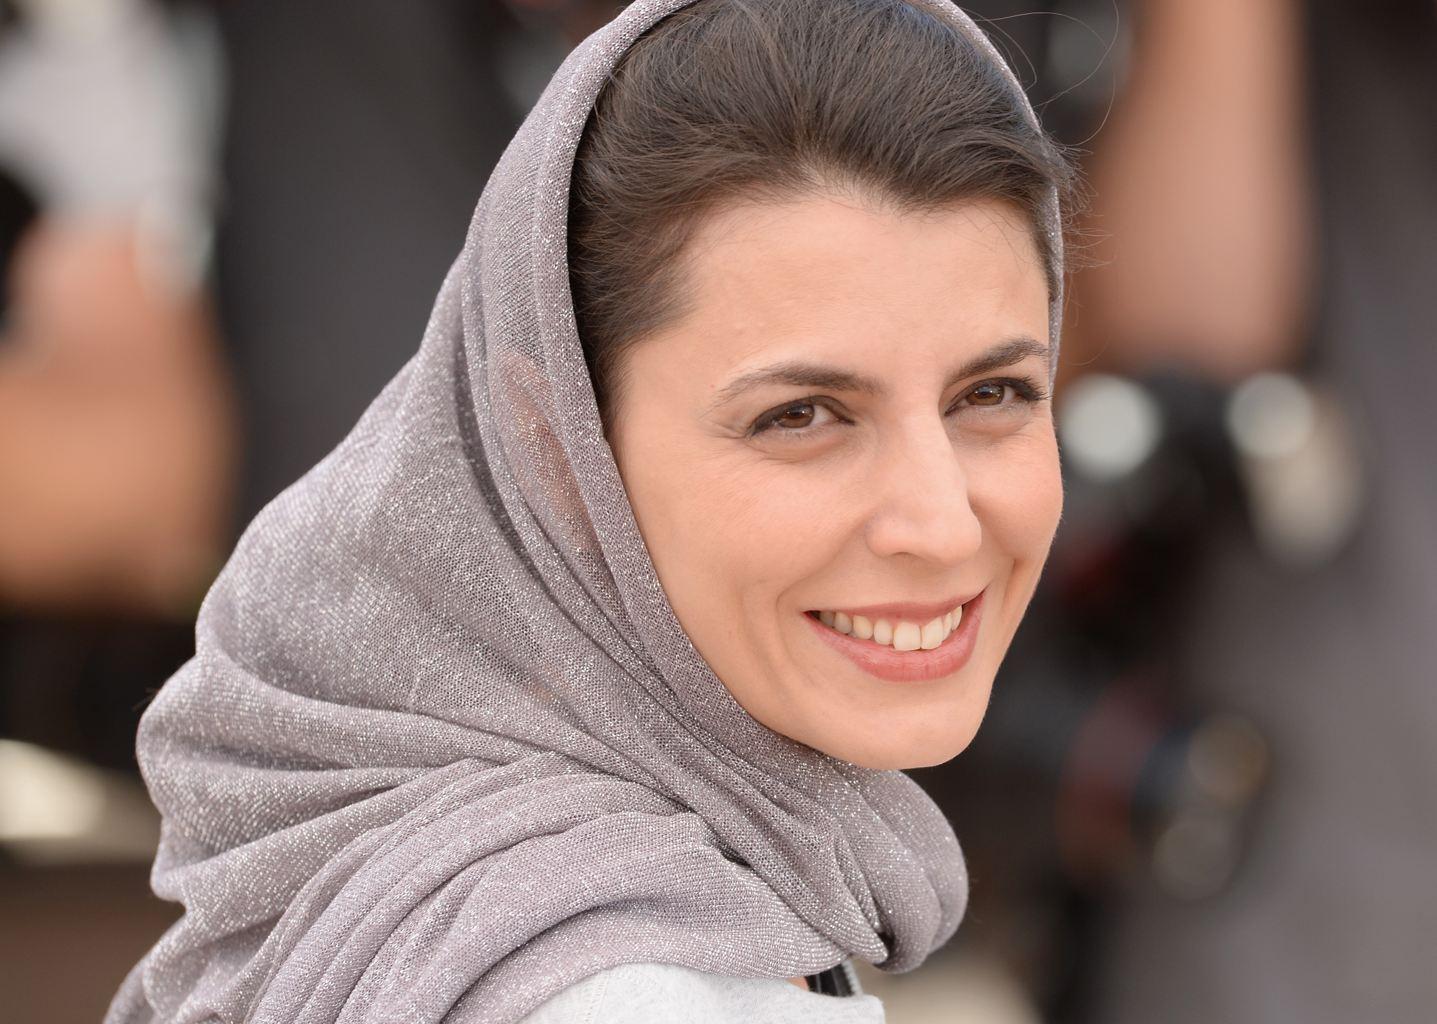 جدیدترین عکس های لیلا حاتمی,عکسهای جدید لیلا حاتمی در کن2014